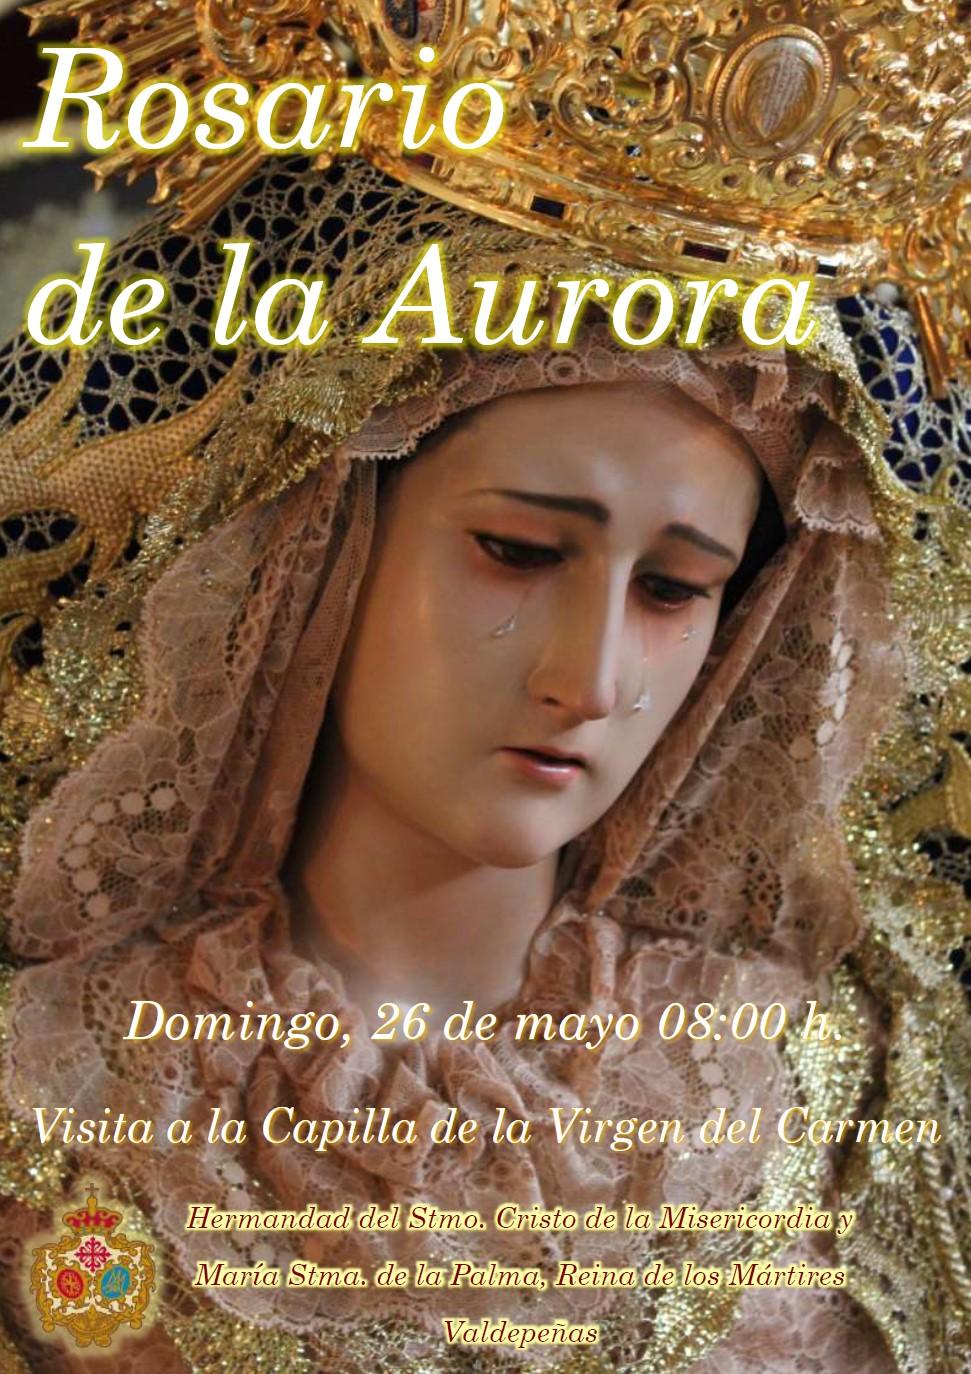 Convocatoria de hermanos para portar las andas de la Stma. Virgen en su Rosario de la Aurora.